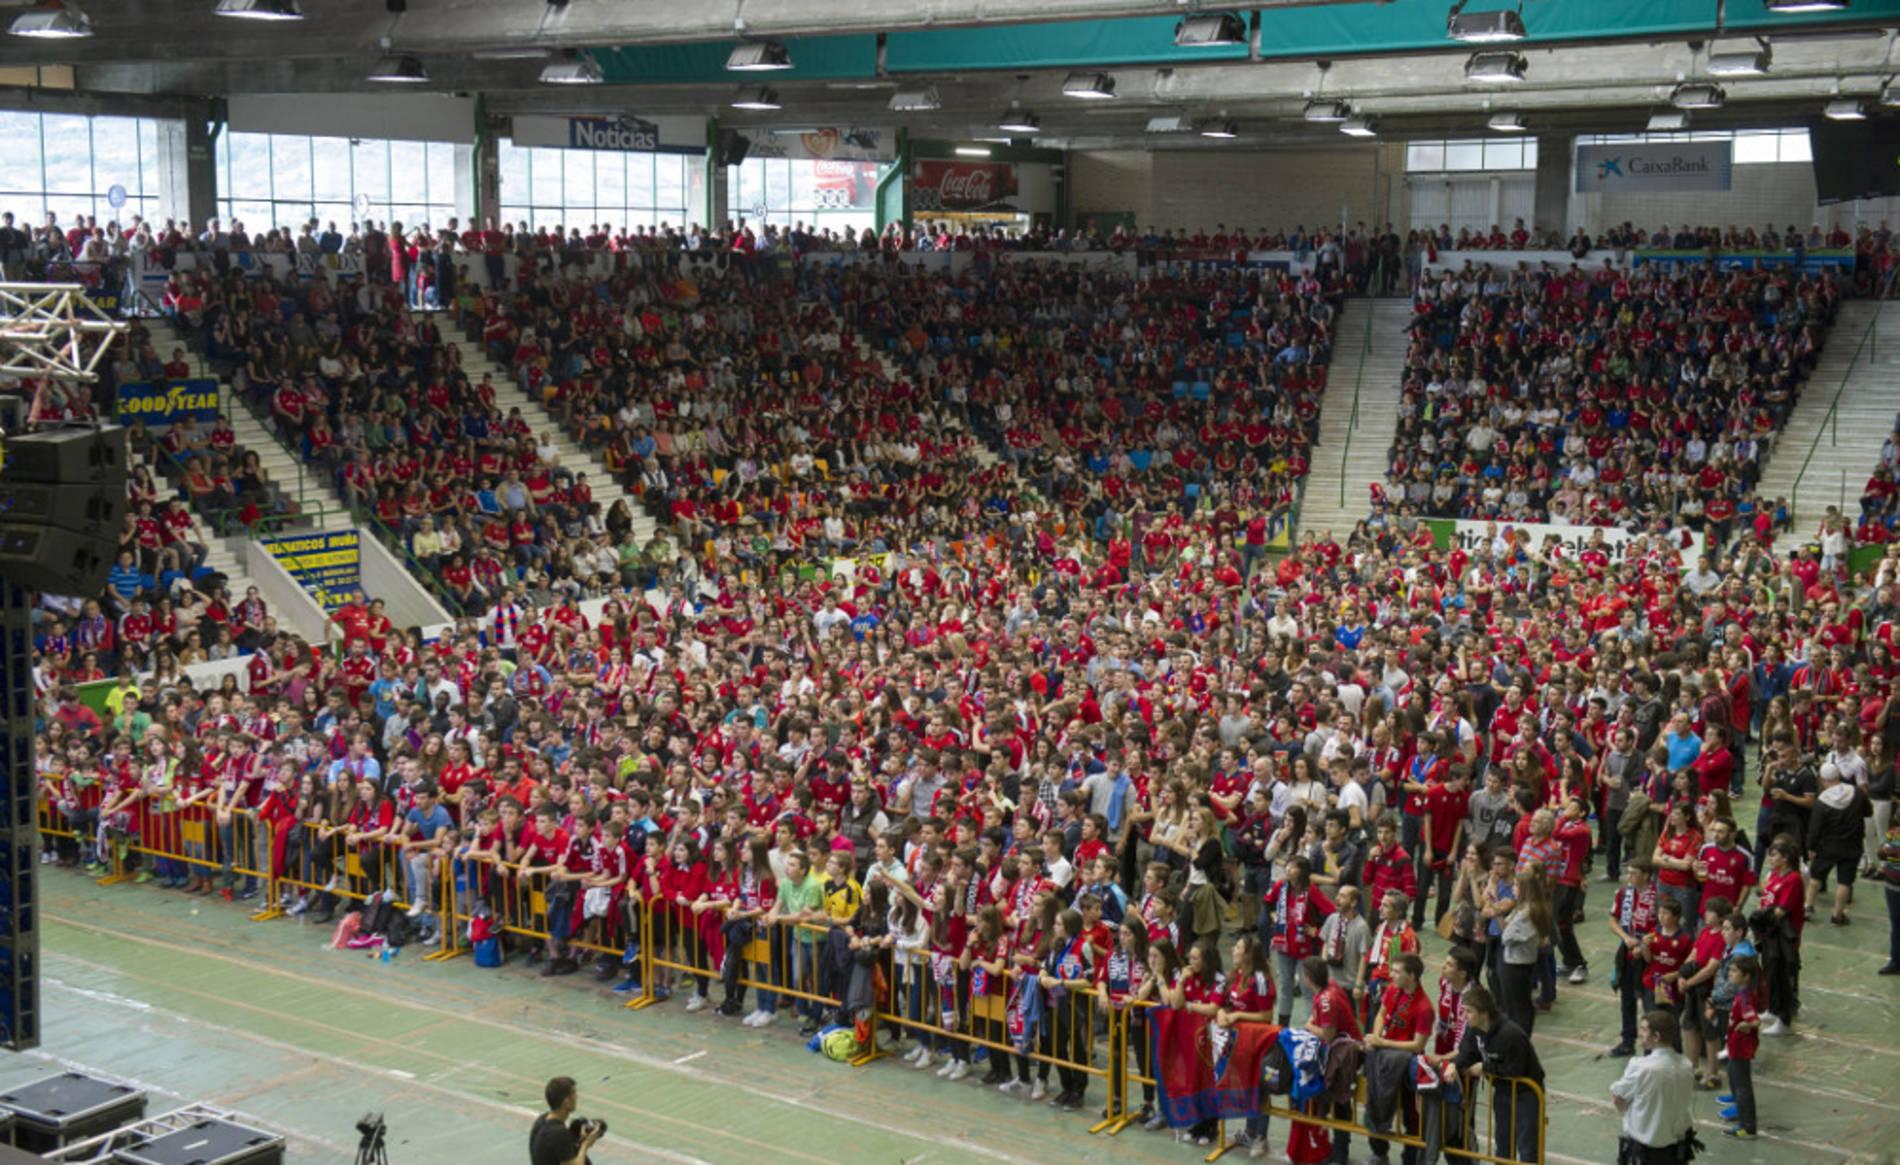 La afición rojilla en Anaitasuna (1/20) - Los aficionados de Osasuna comienzan a llenar el pabellón del Anaitasuna para ver el partido contra el Girona - Osasuna -